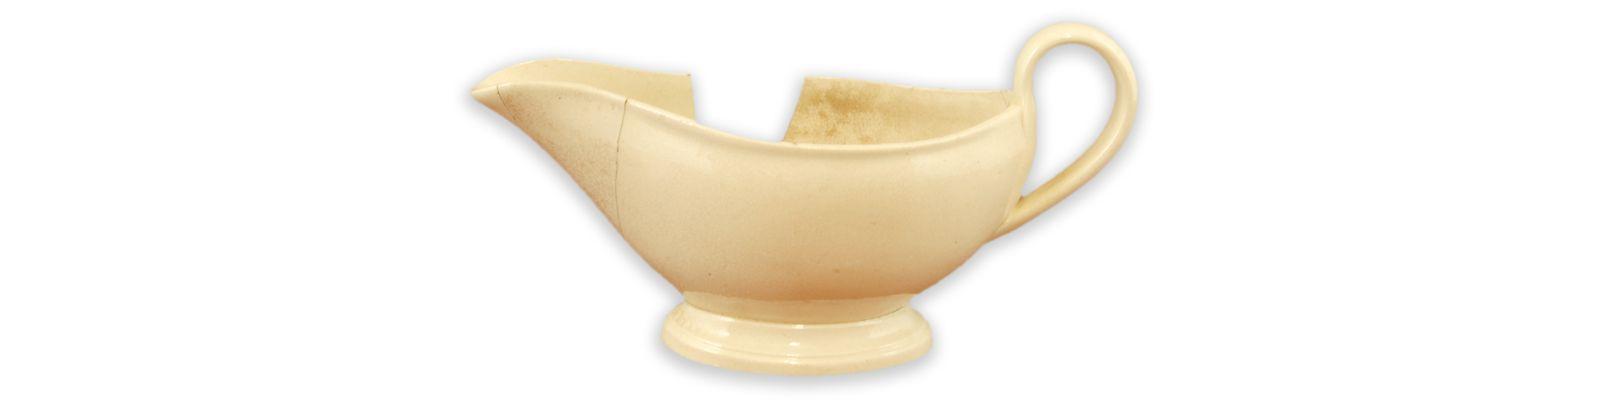 SaucièreMCC/LRAQ, photo: Catherine CaronMaison Paradis. Vers 1780-1830Terre cuite fine de type creamware, Angleterre. Anse en forme de boucle.